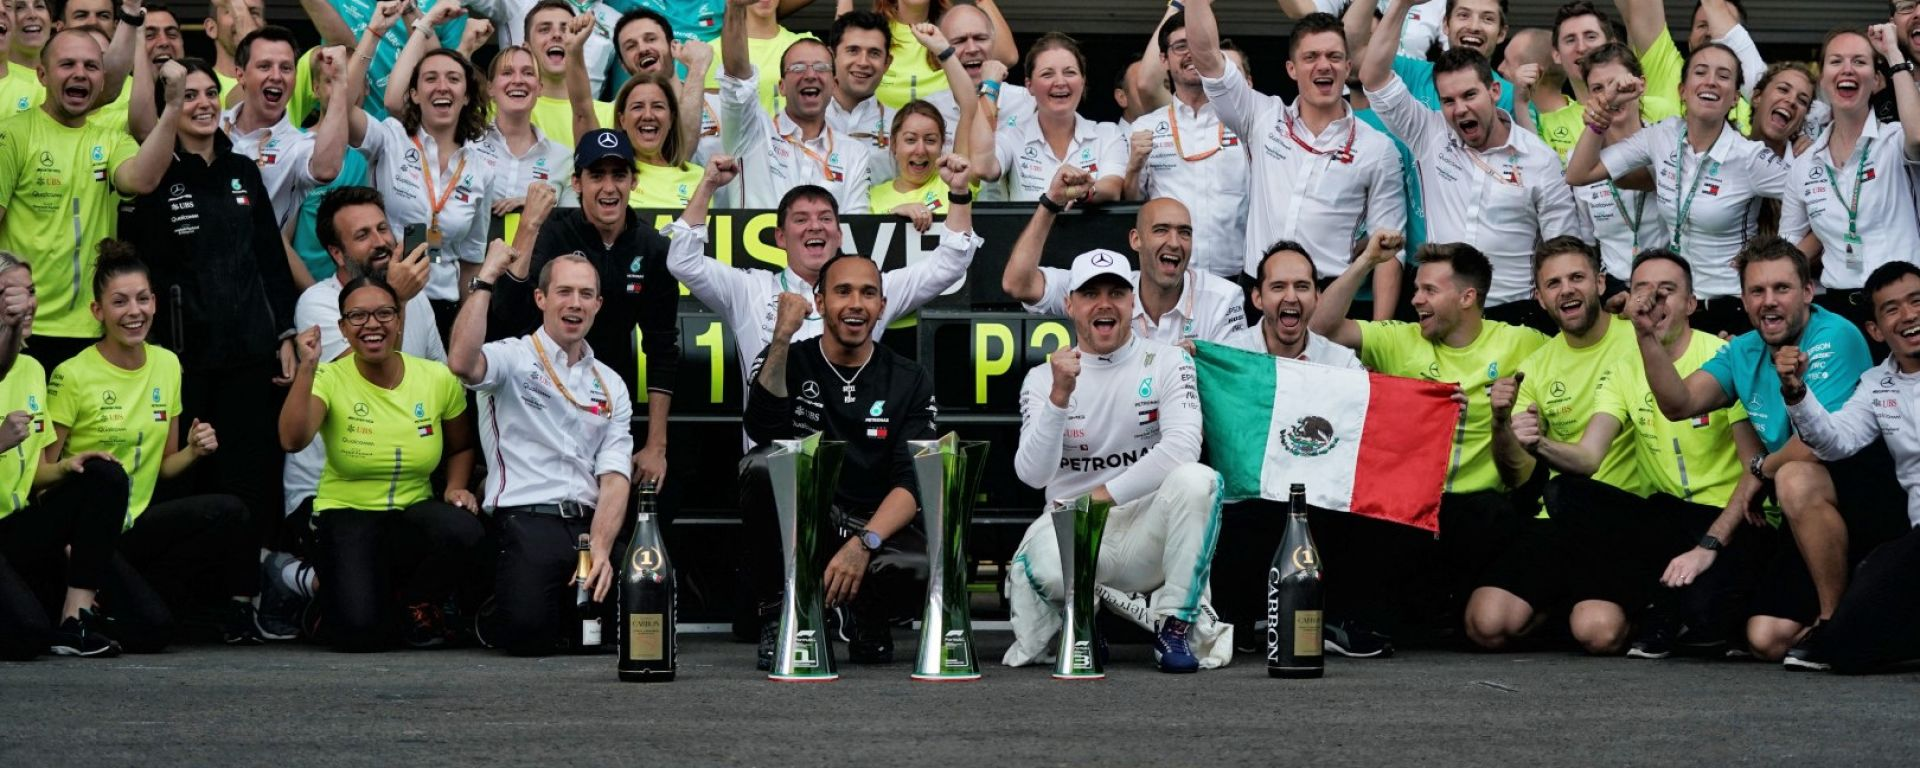 F1, GP Messico 2019: la Mercedes festeggia la vittoria di Lewis Hamilton e il terzo posto di Valtteri Bottas